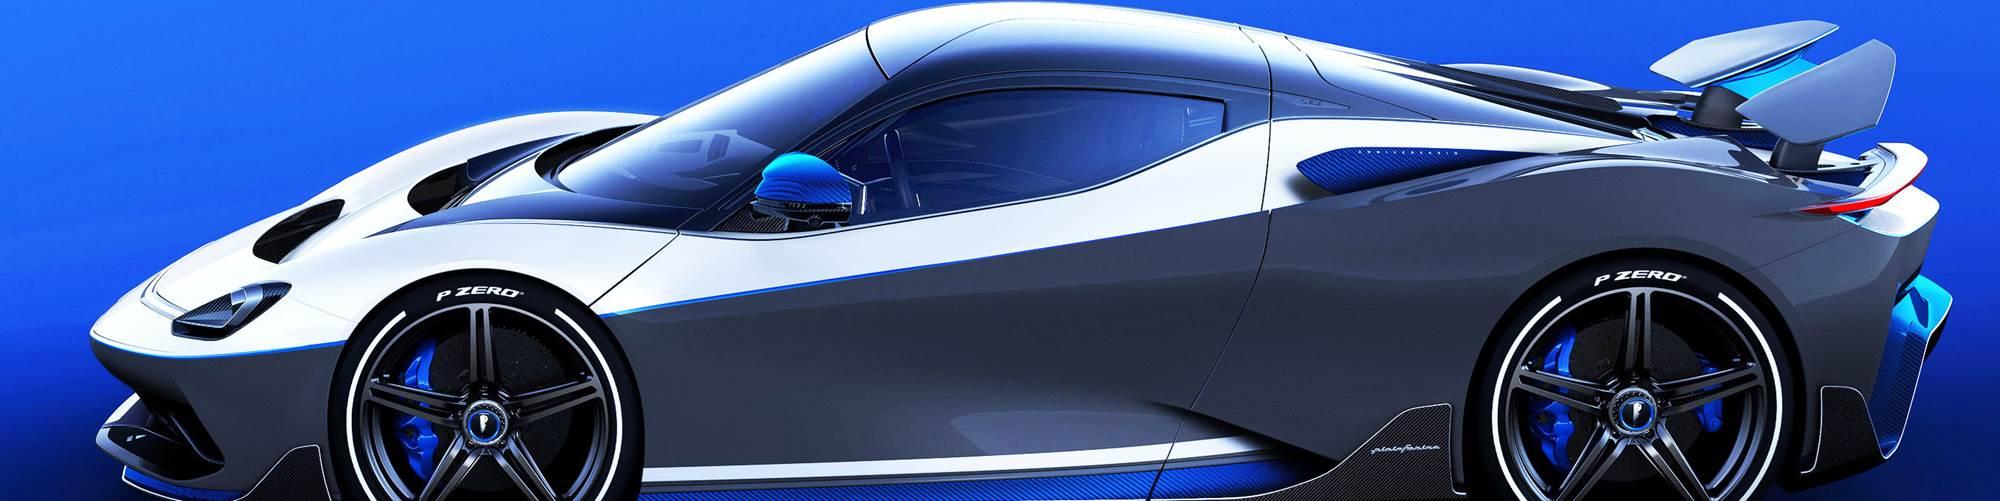 Pininfarina Battista Anniversario starts at $2.9 million